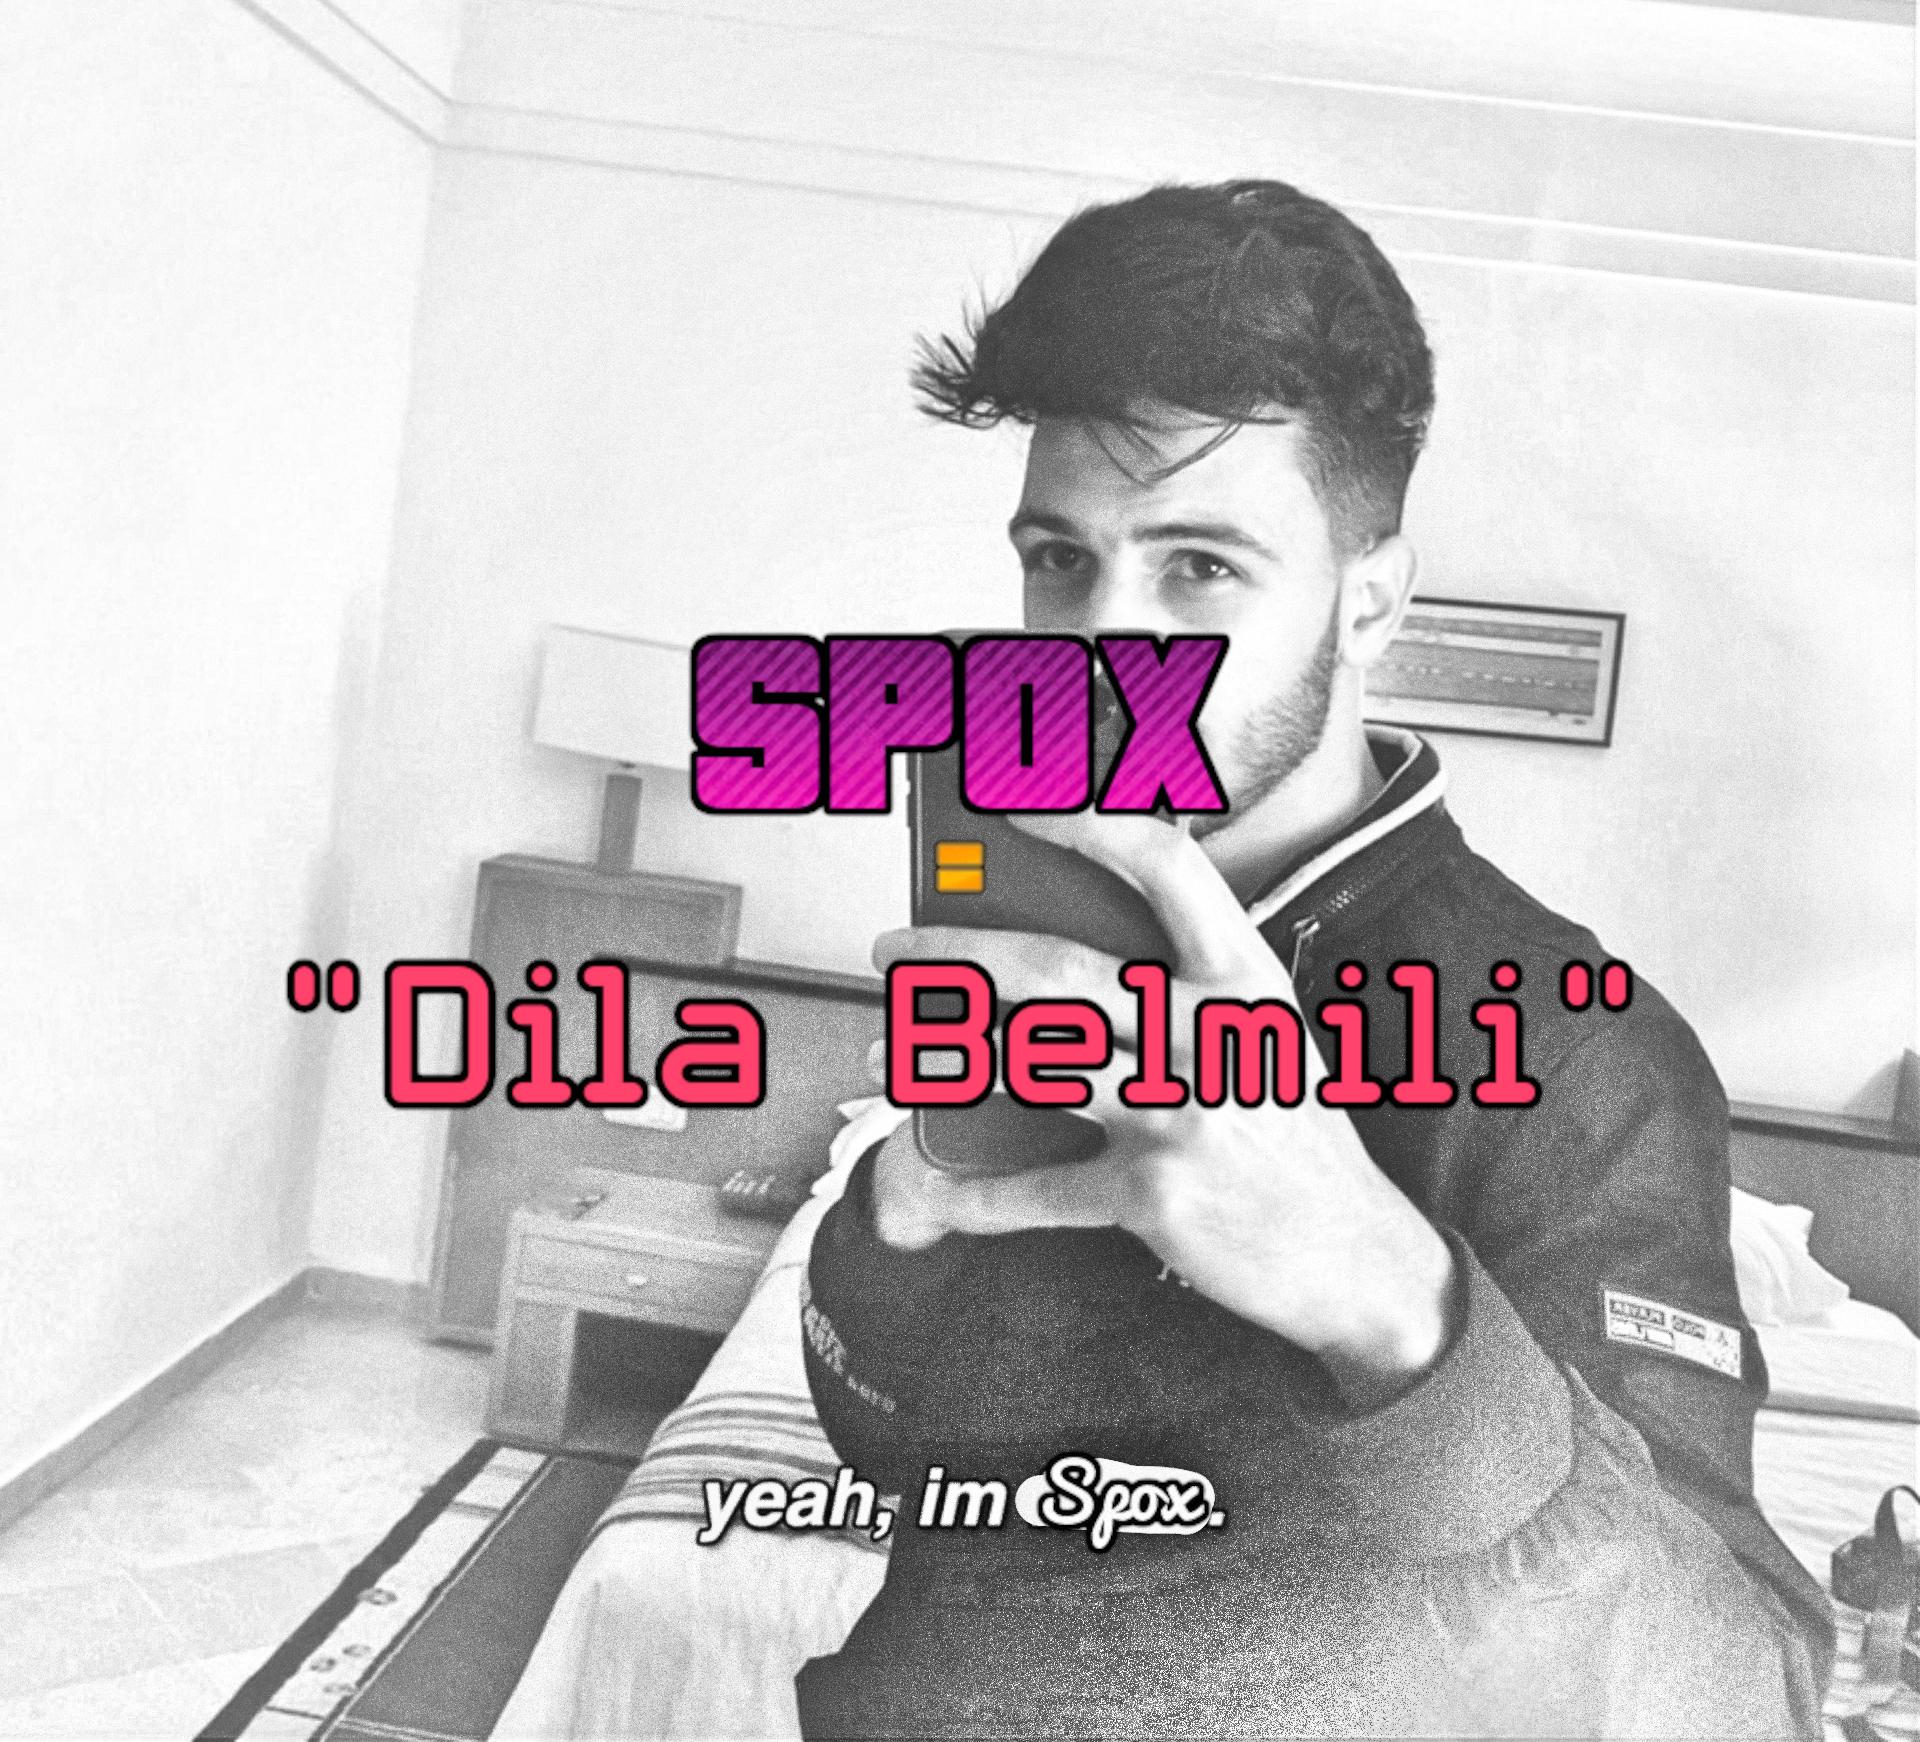 Spox is Dila Belimi